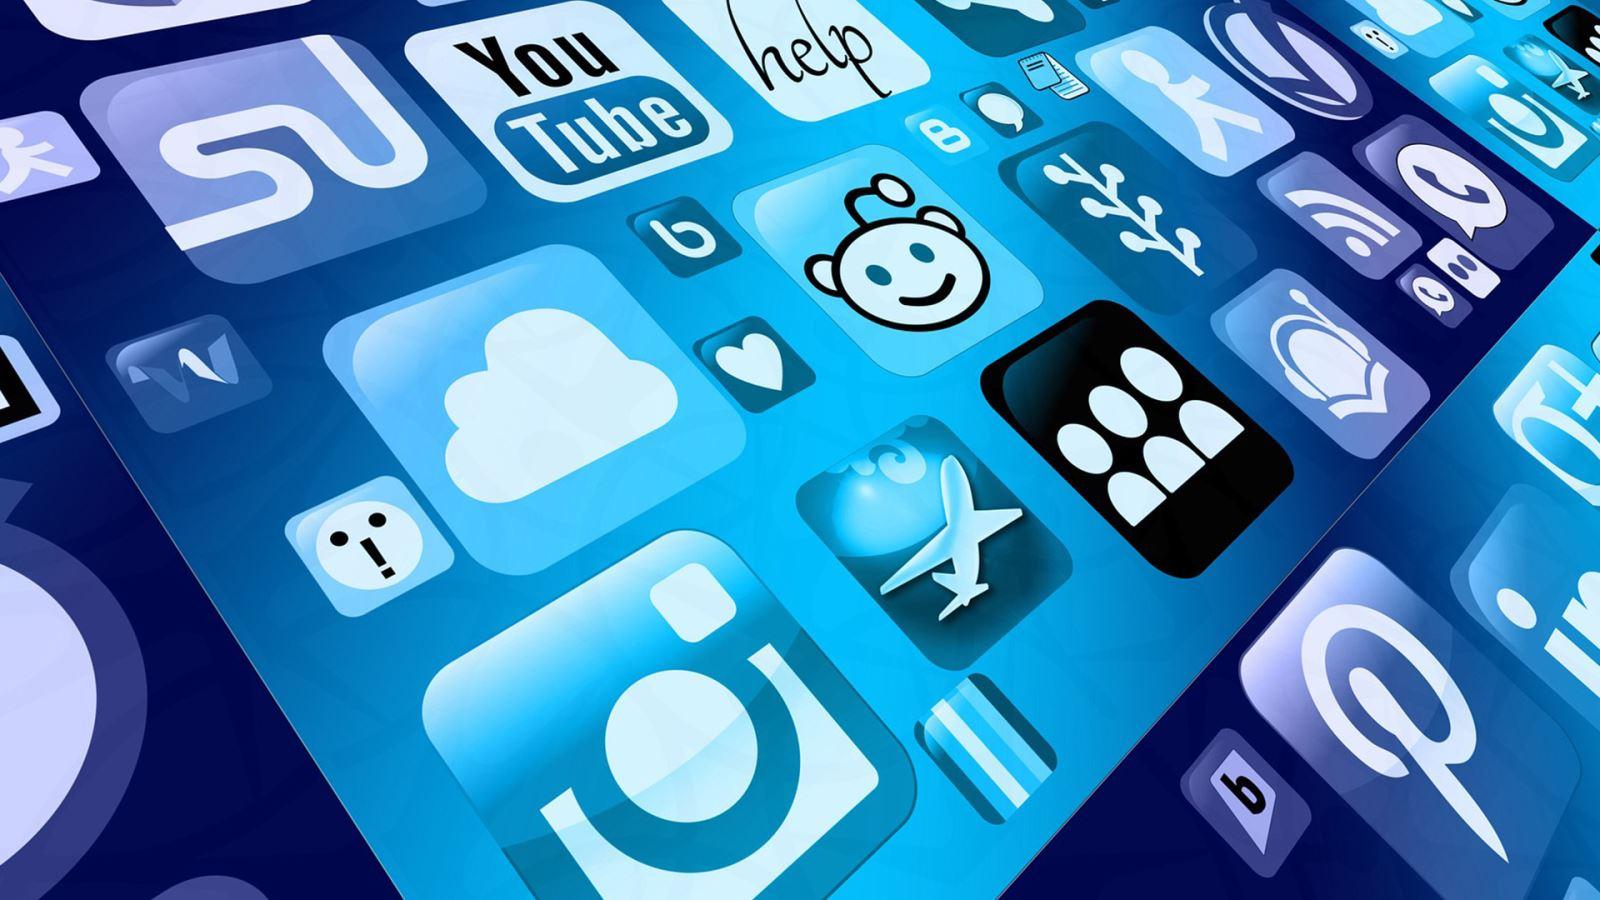 תהליך של אופטימיזציה בעידן שבו שולטים כלים דיגיטליים